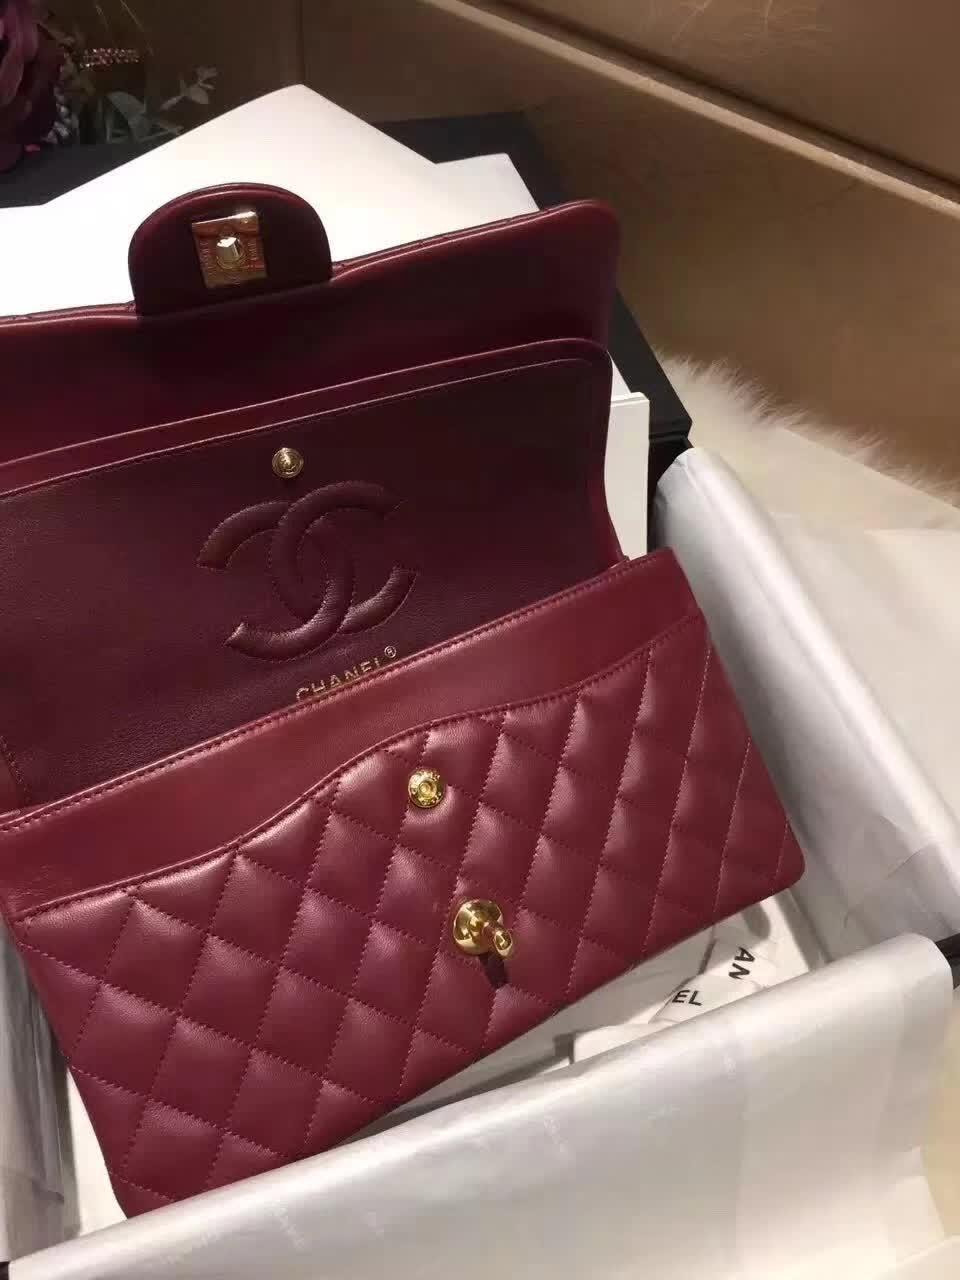 香奈儿 Classic Flap 小羊皮 枣红 25cm 金色五金